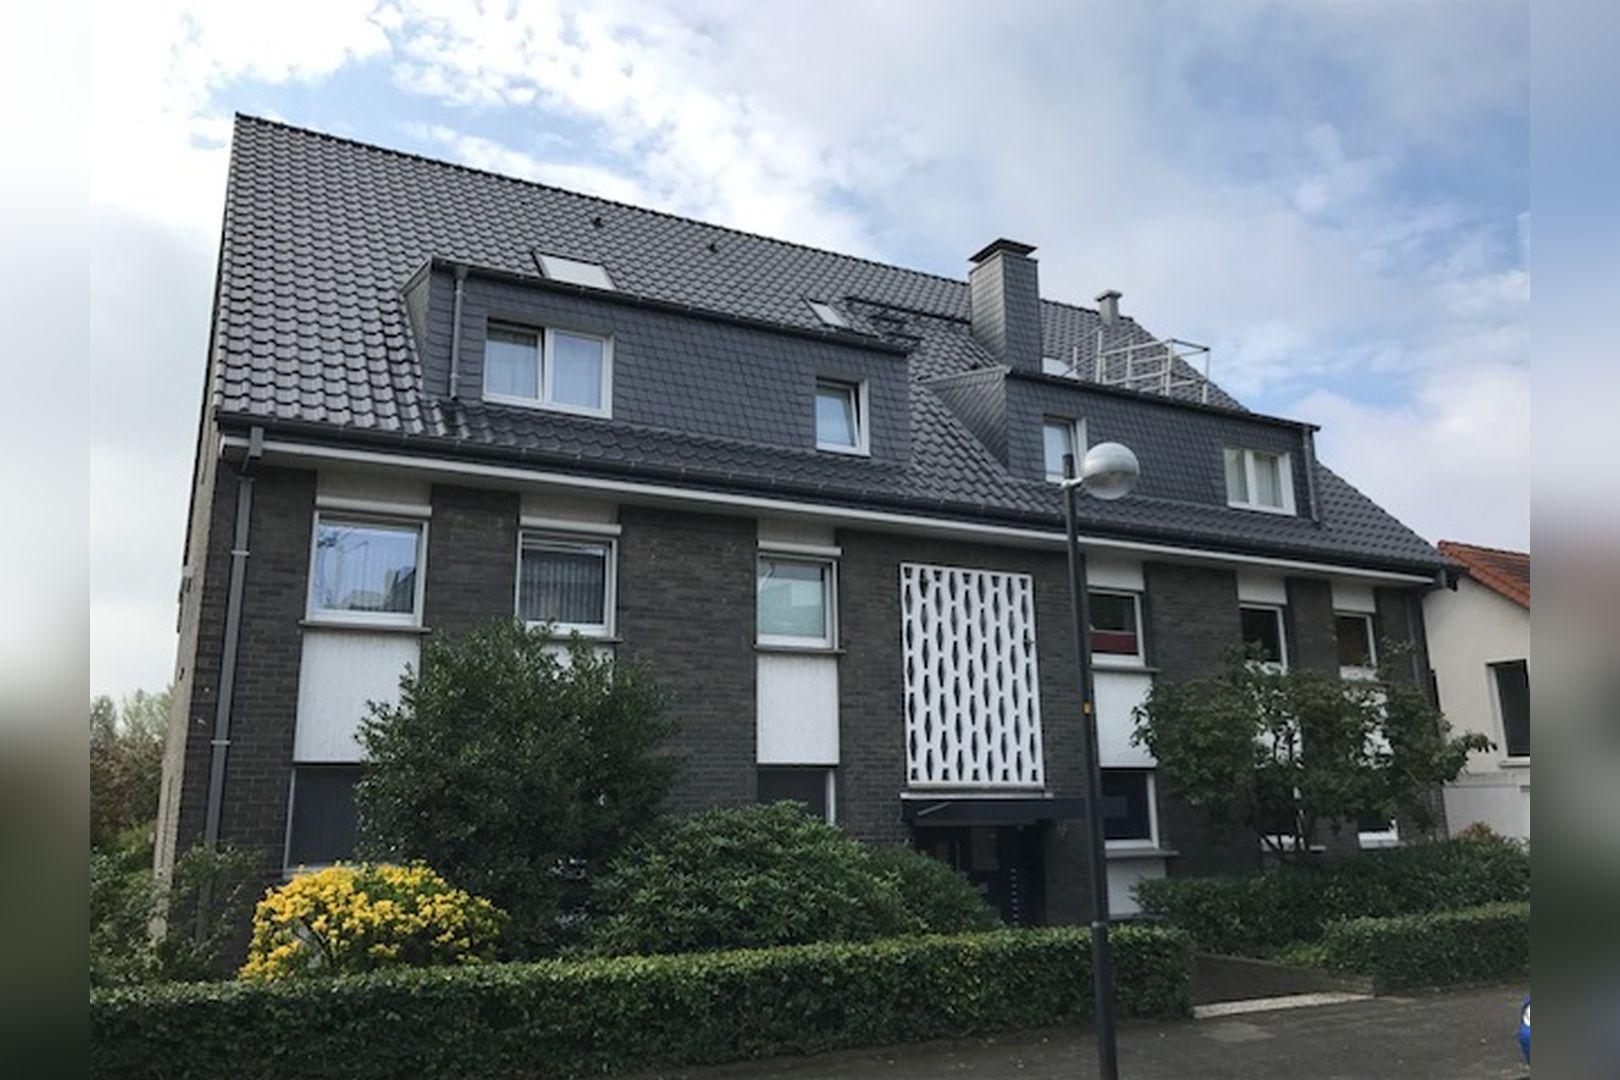 Immobilie Nr.0247 - Maisonette-Whg. über EG u. Sout. mit Loggia u. Garage  - Bild 16.jpg